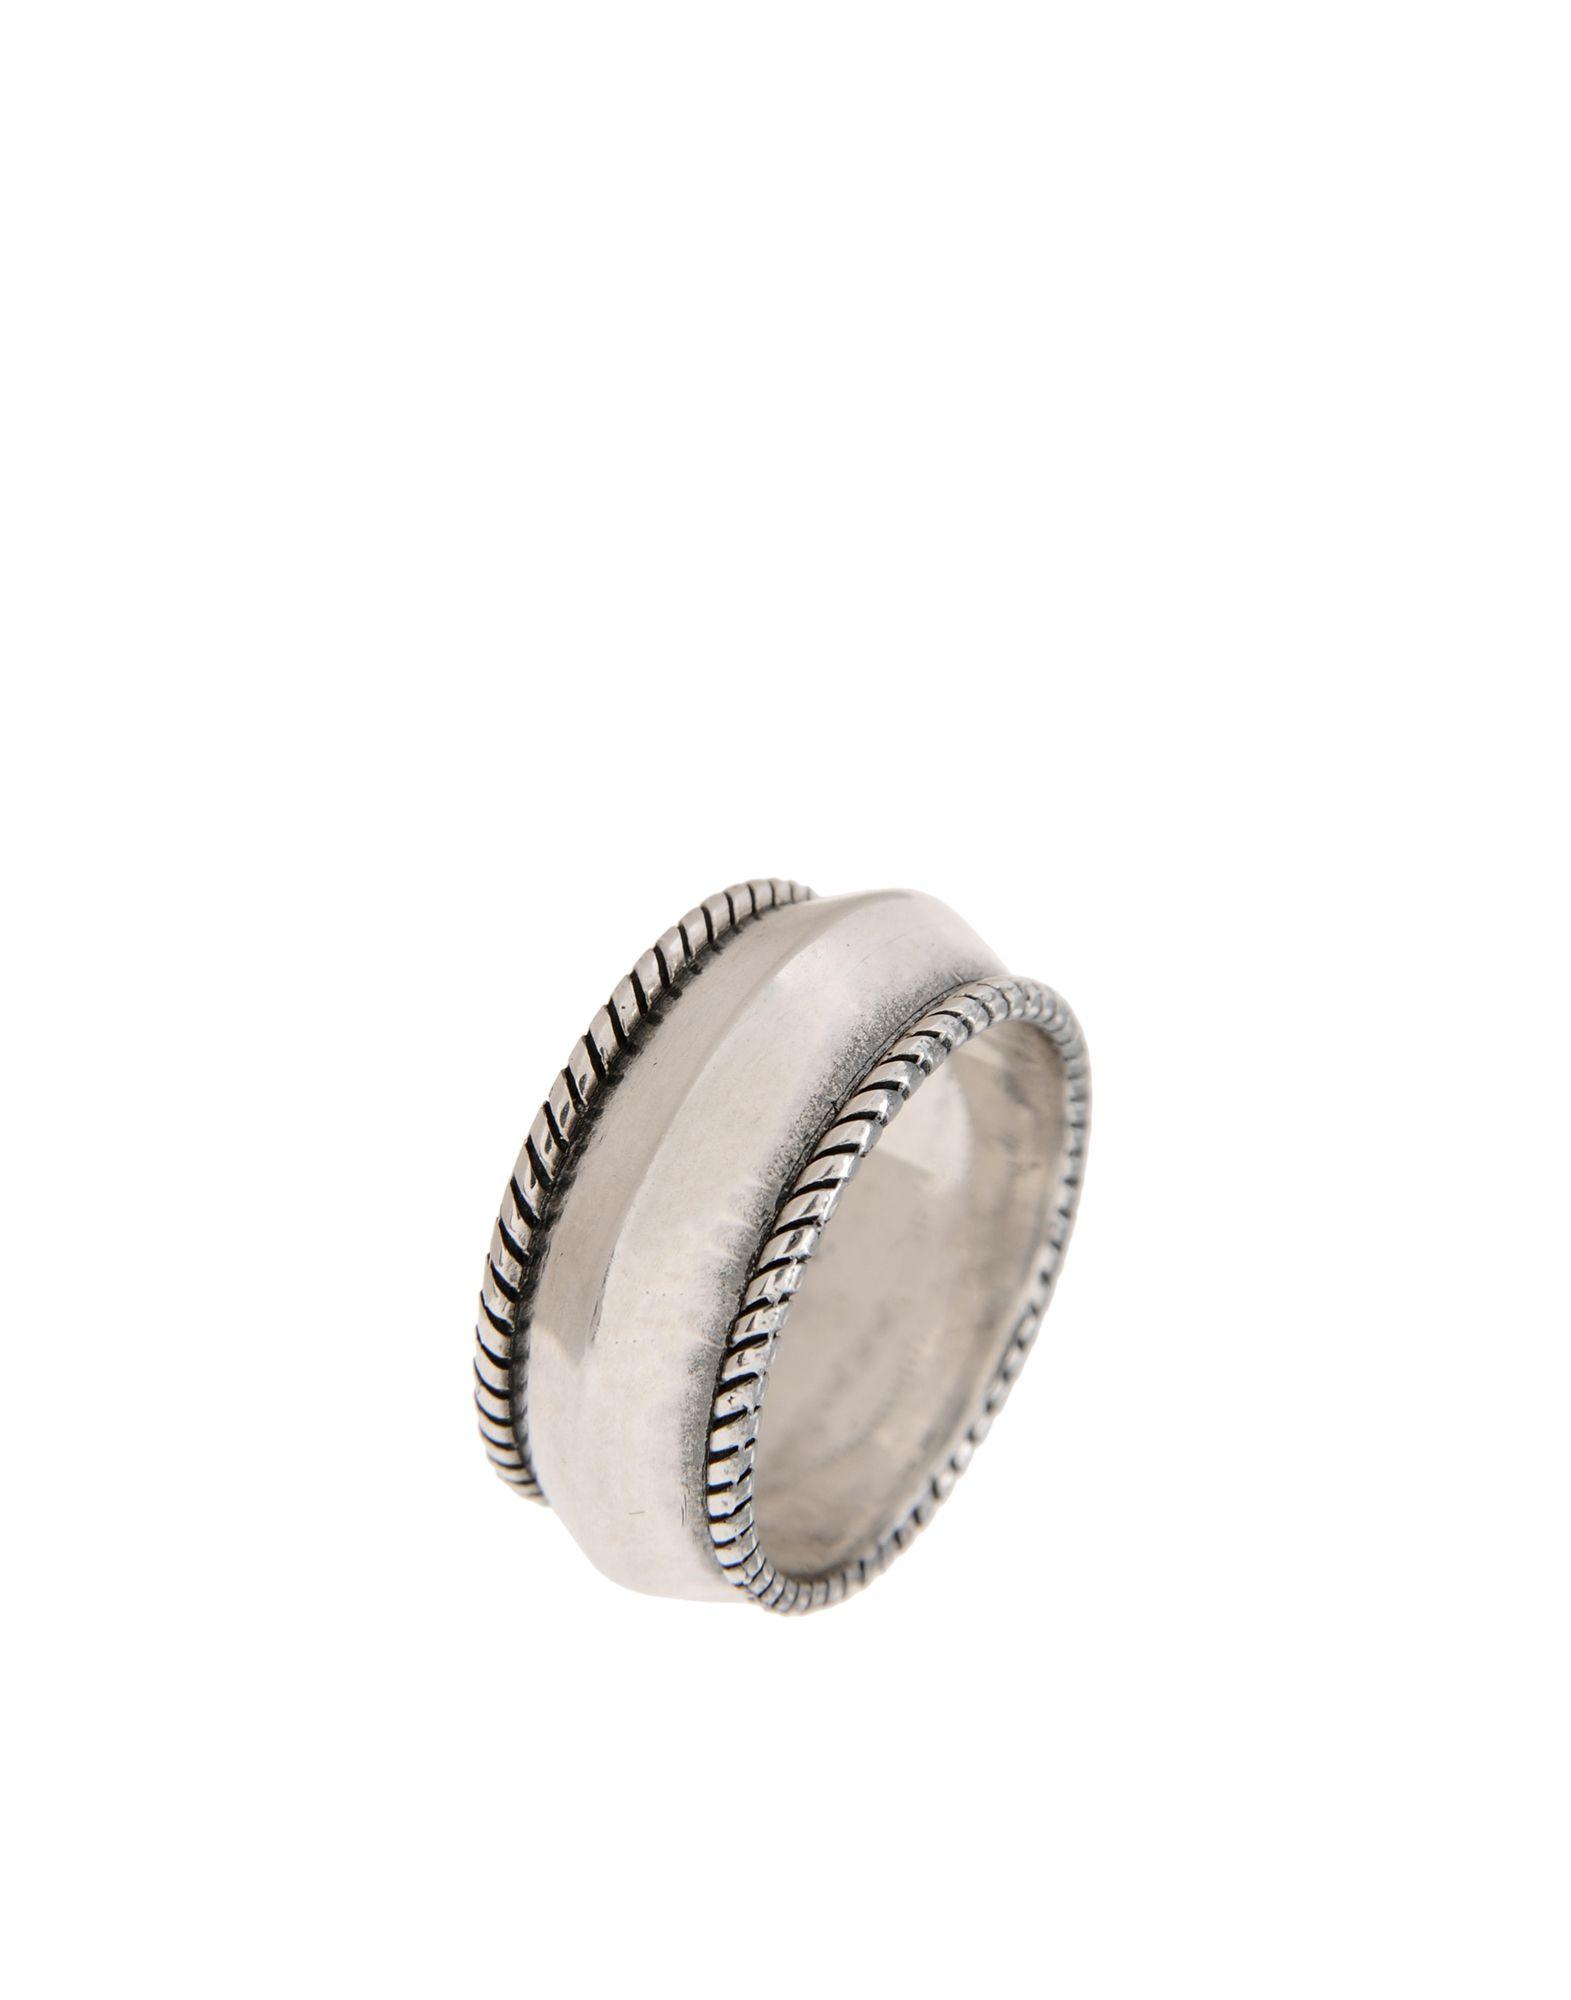 《セール開催中》FIRST PEOPLE FIRST メンズ 指輪 シルバー S シルバー925/1000 THICK EDGE BAND